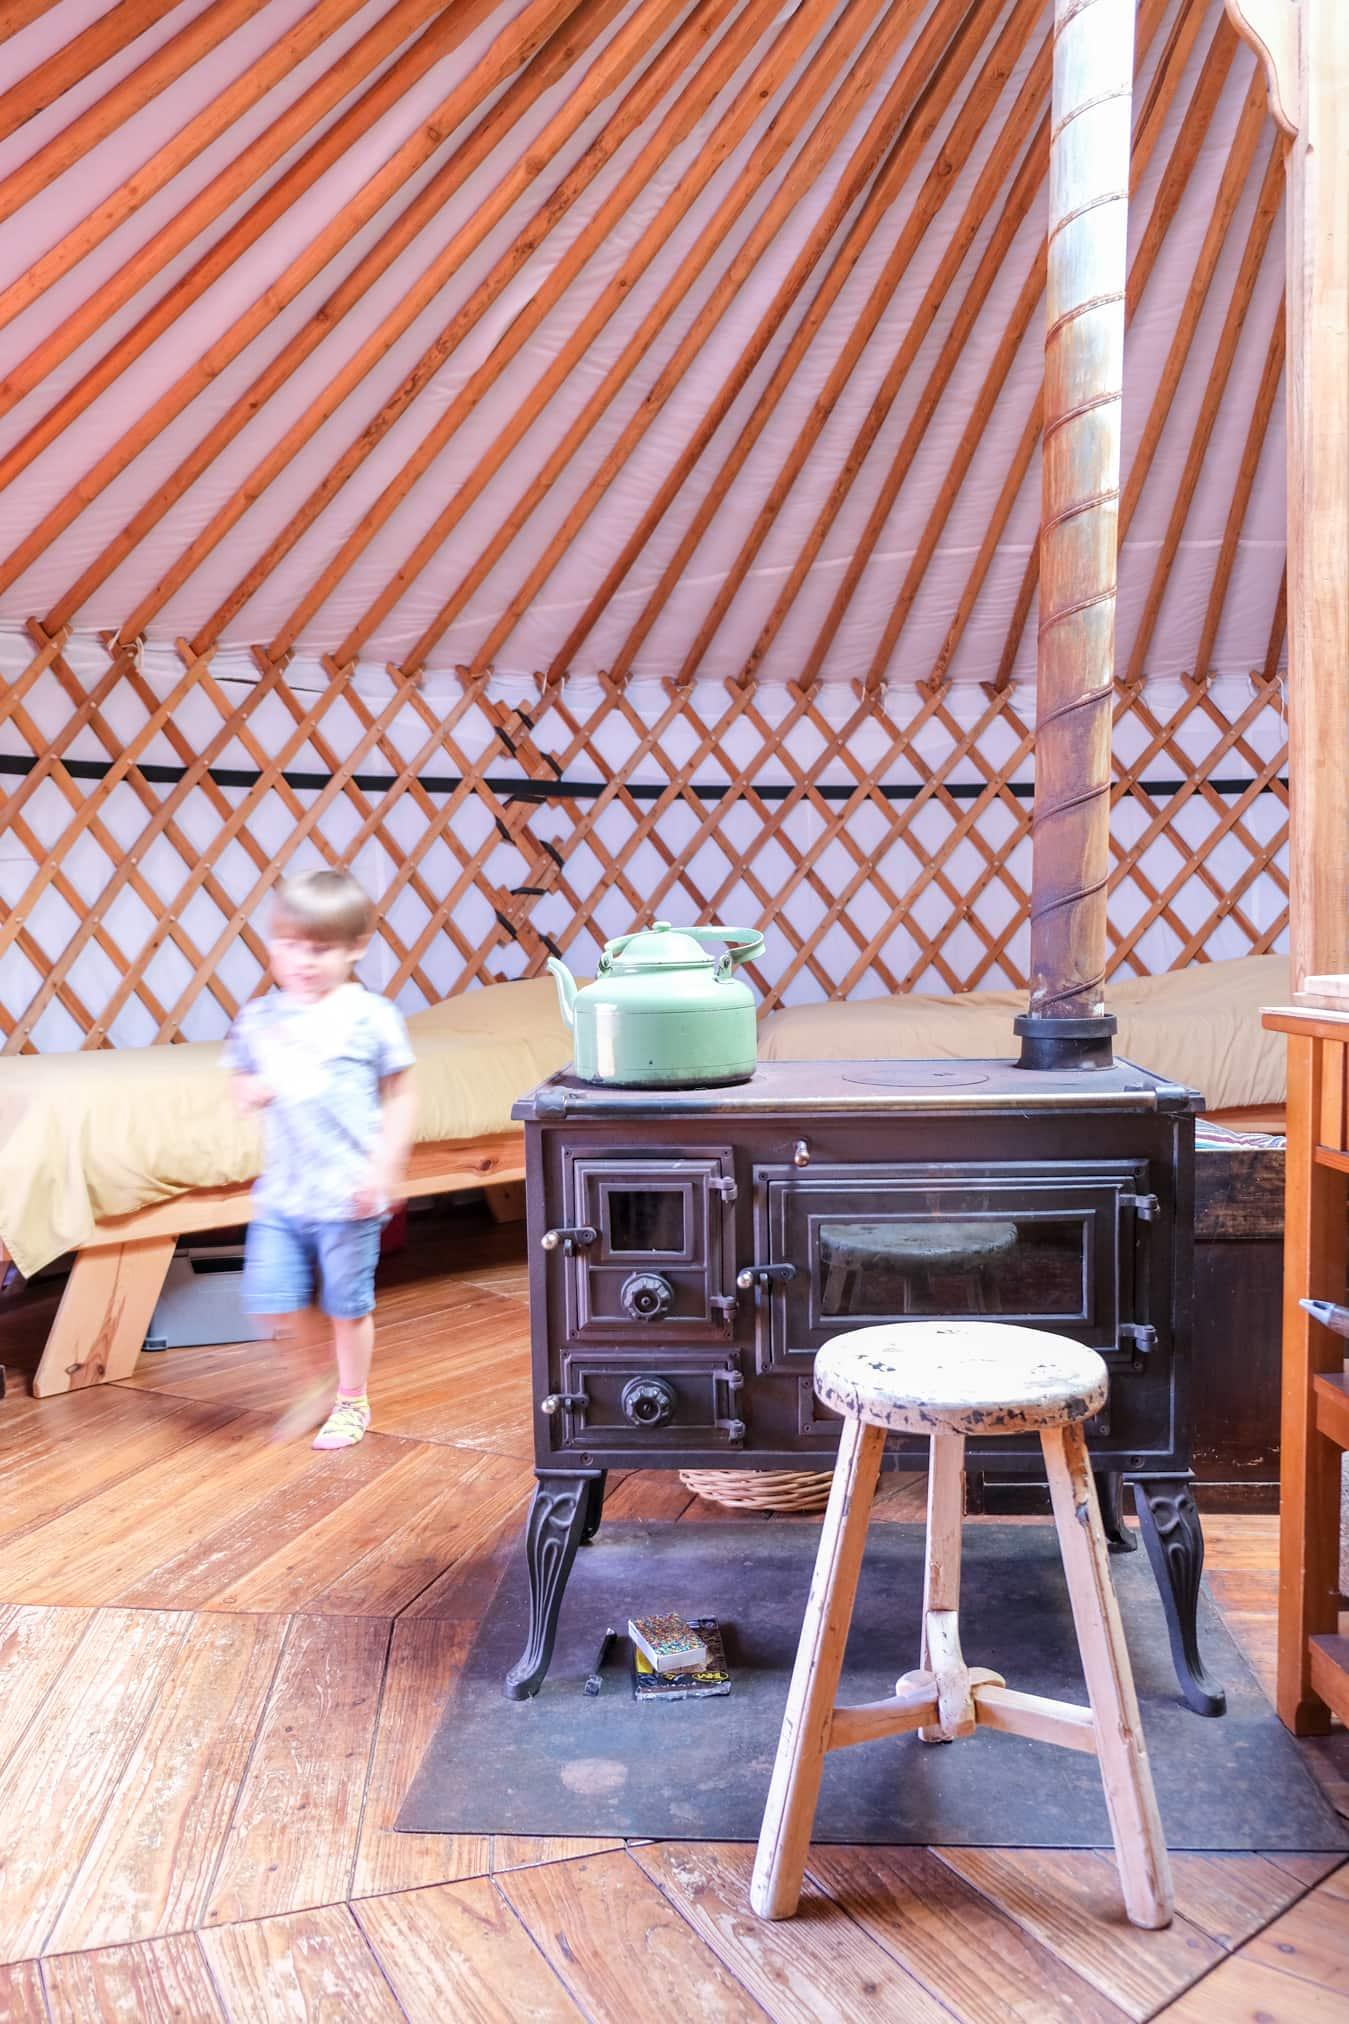 koken in een yurt